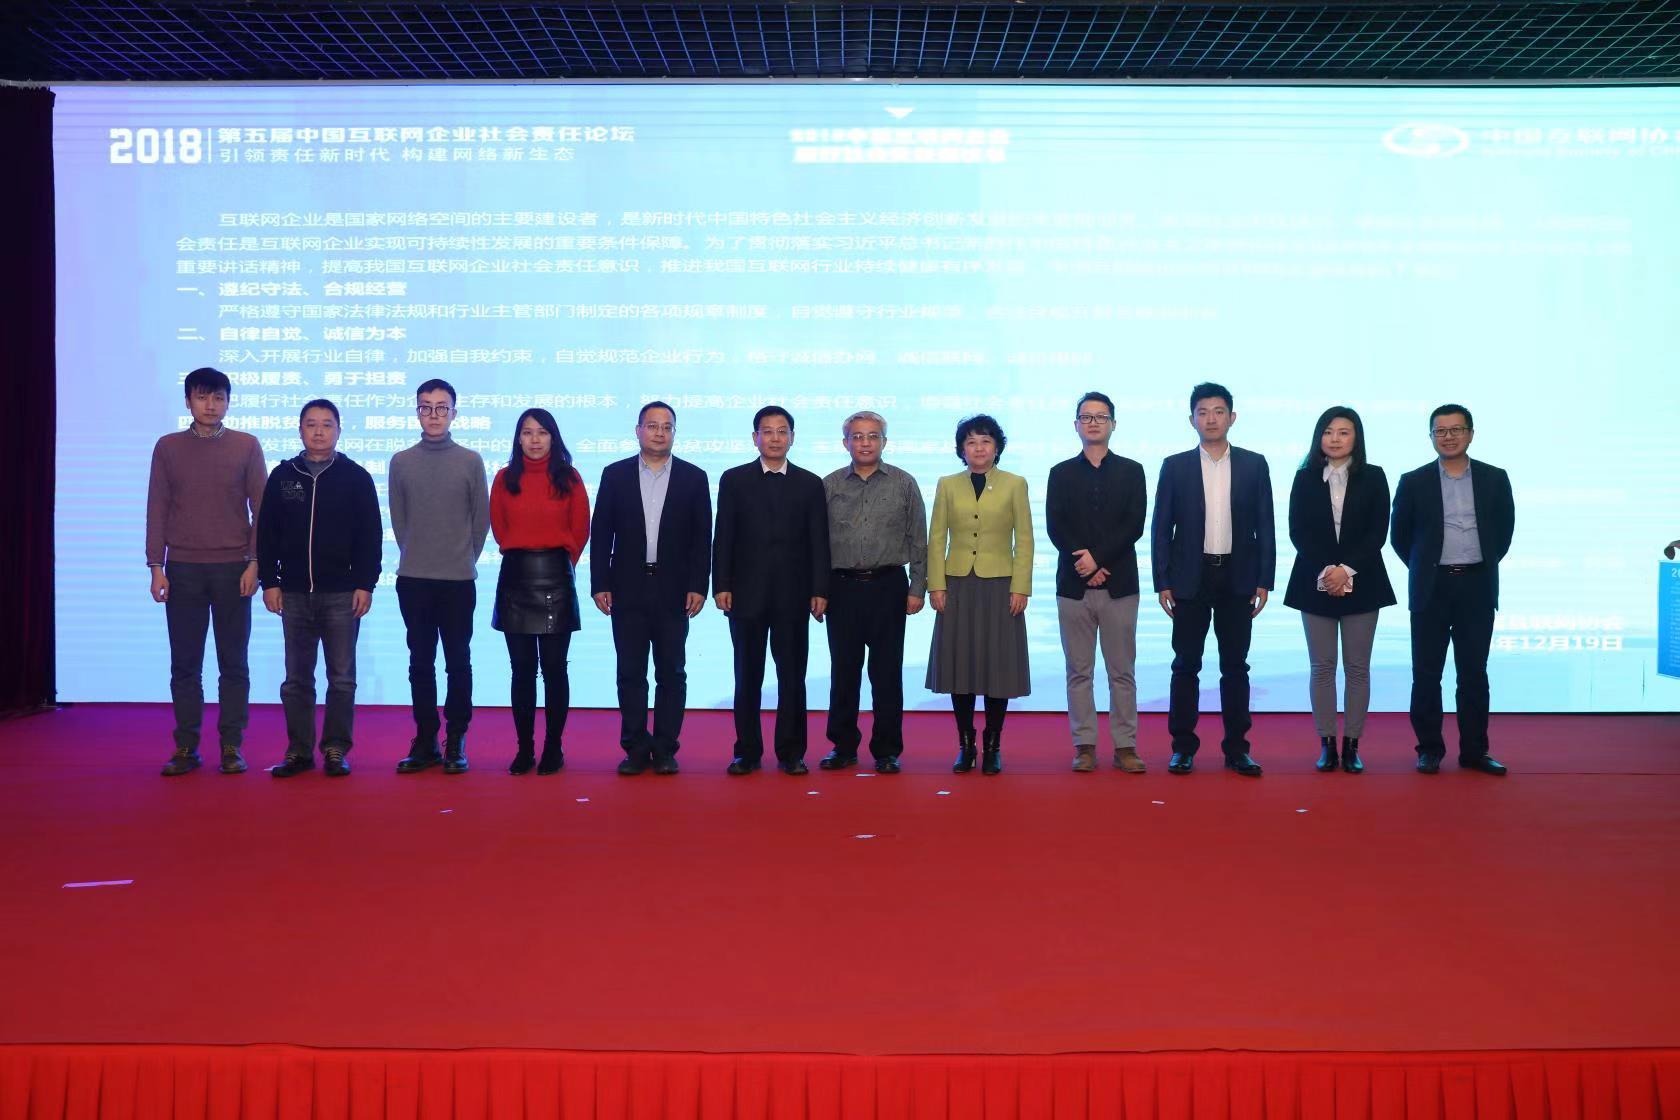 参加《中国互联网企业发布社会责任报告倡议》签署仪式,三七互娱主动承担社会责任